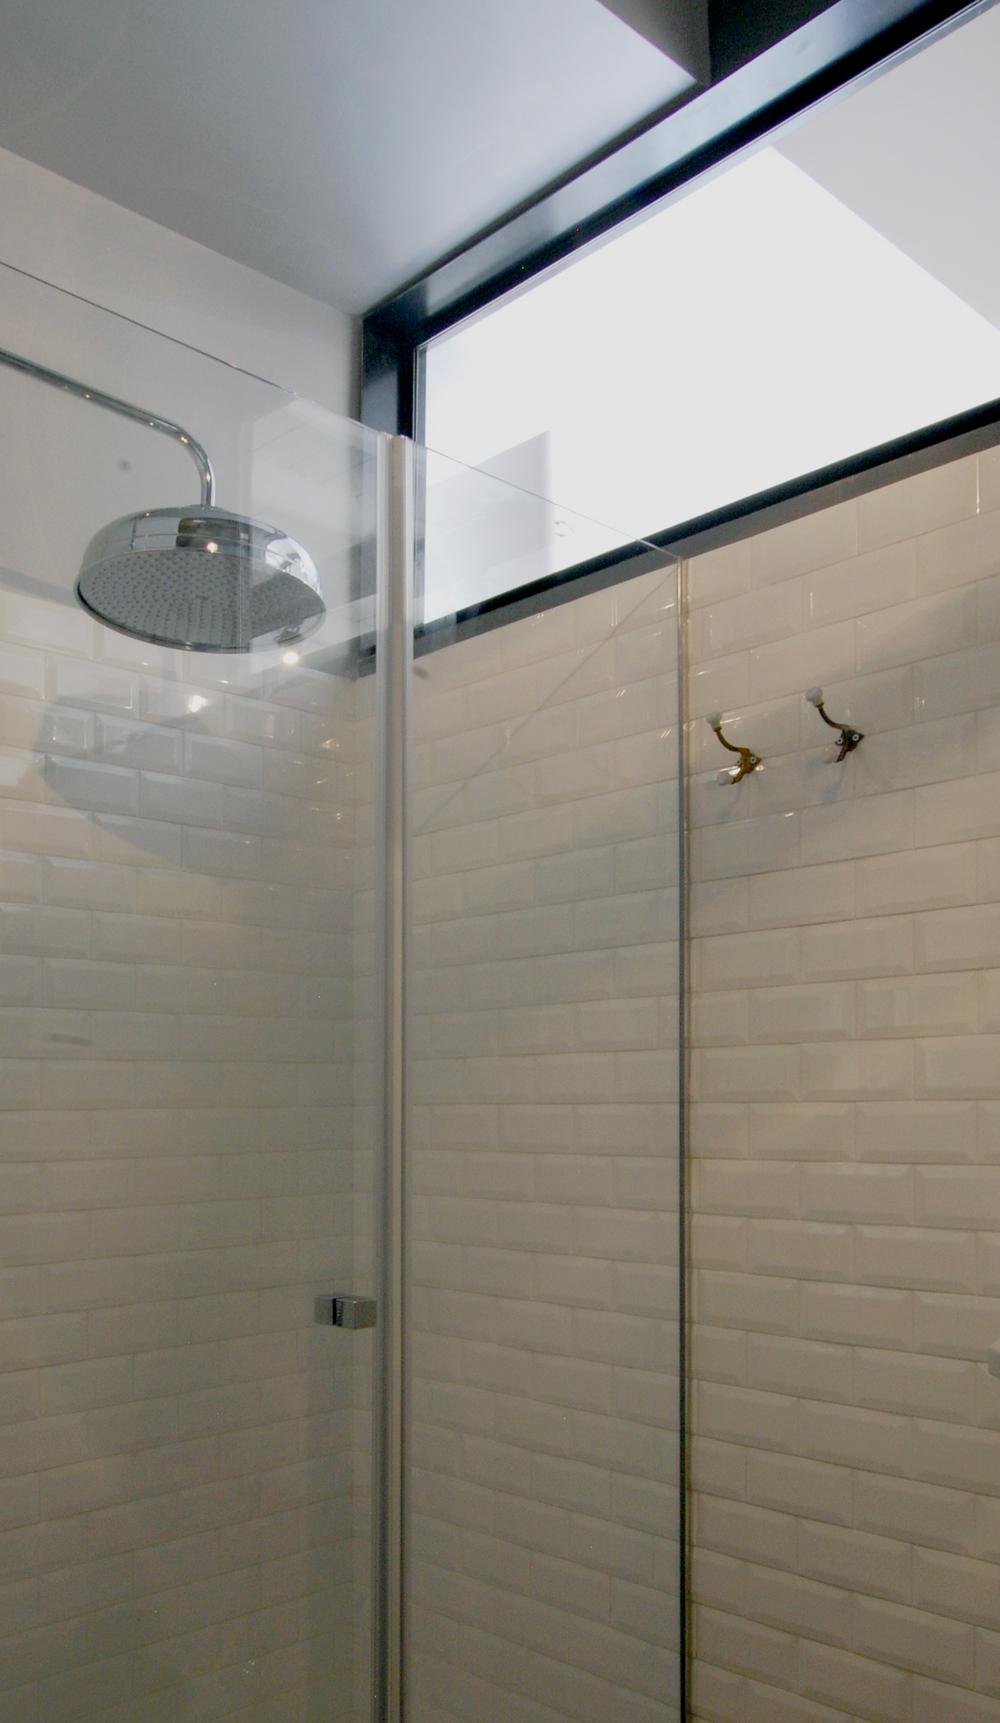 Uno scorcio della doccia, con il telaio della superficie vetrata che ribatte lo spessore del muro divisorio.